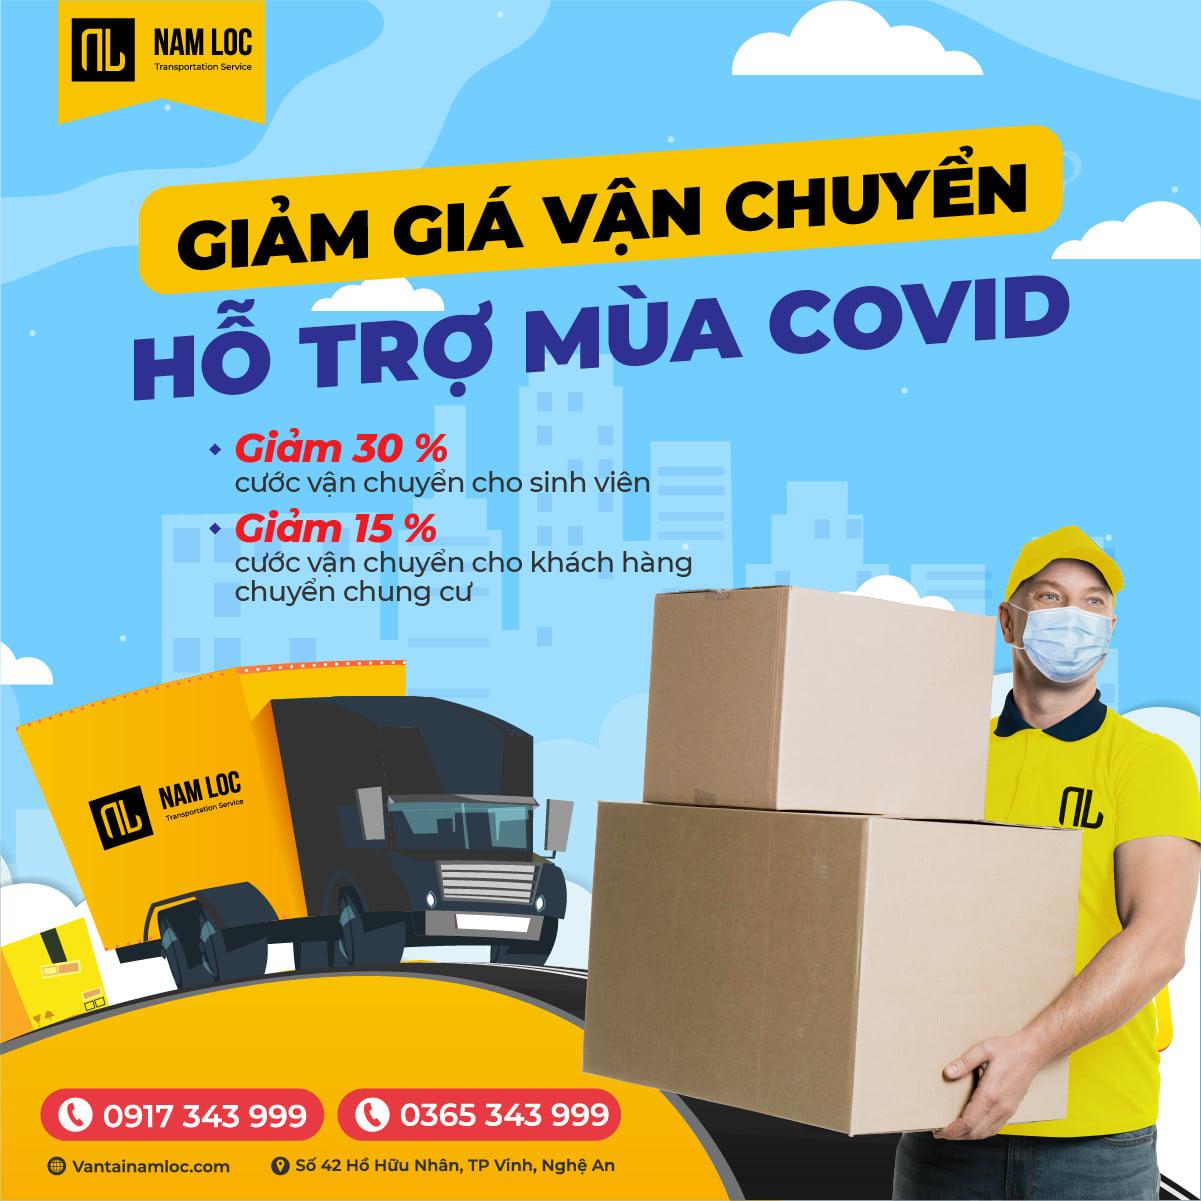 ƯU ĐÃI: Giảm giá vận chuyển hỗ trợ mùa dịch | Vận tải Nam Lộc